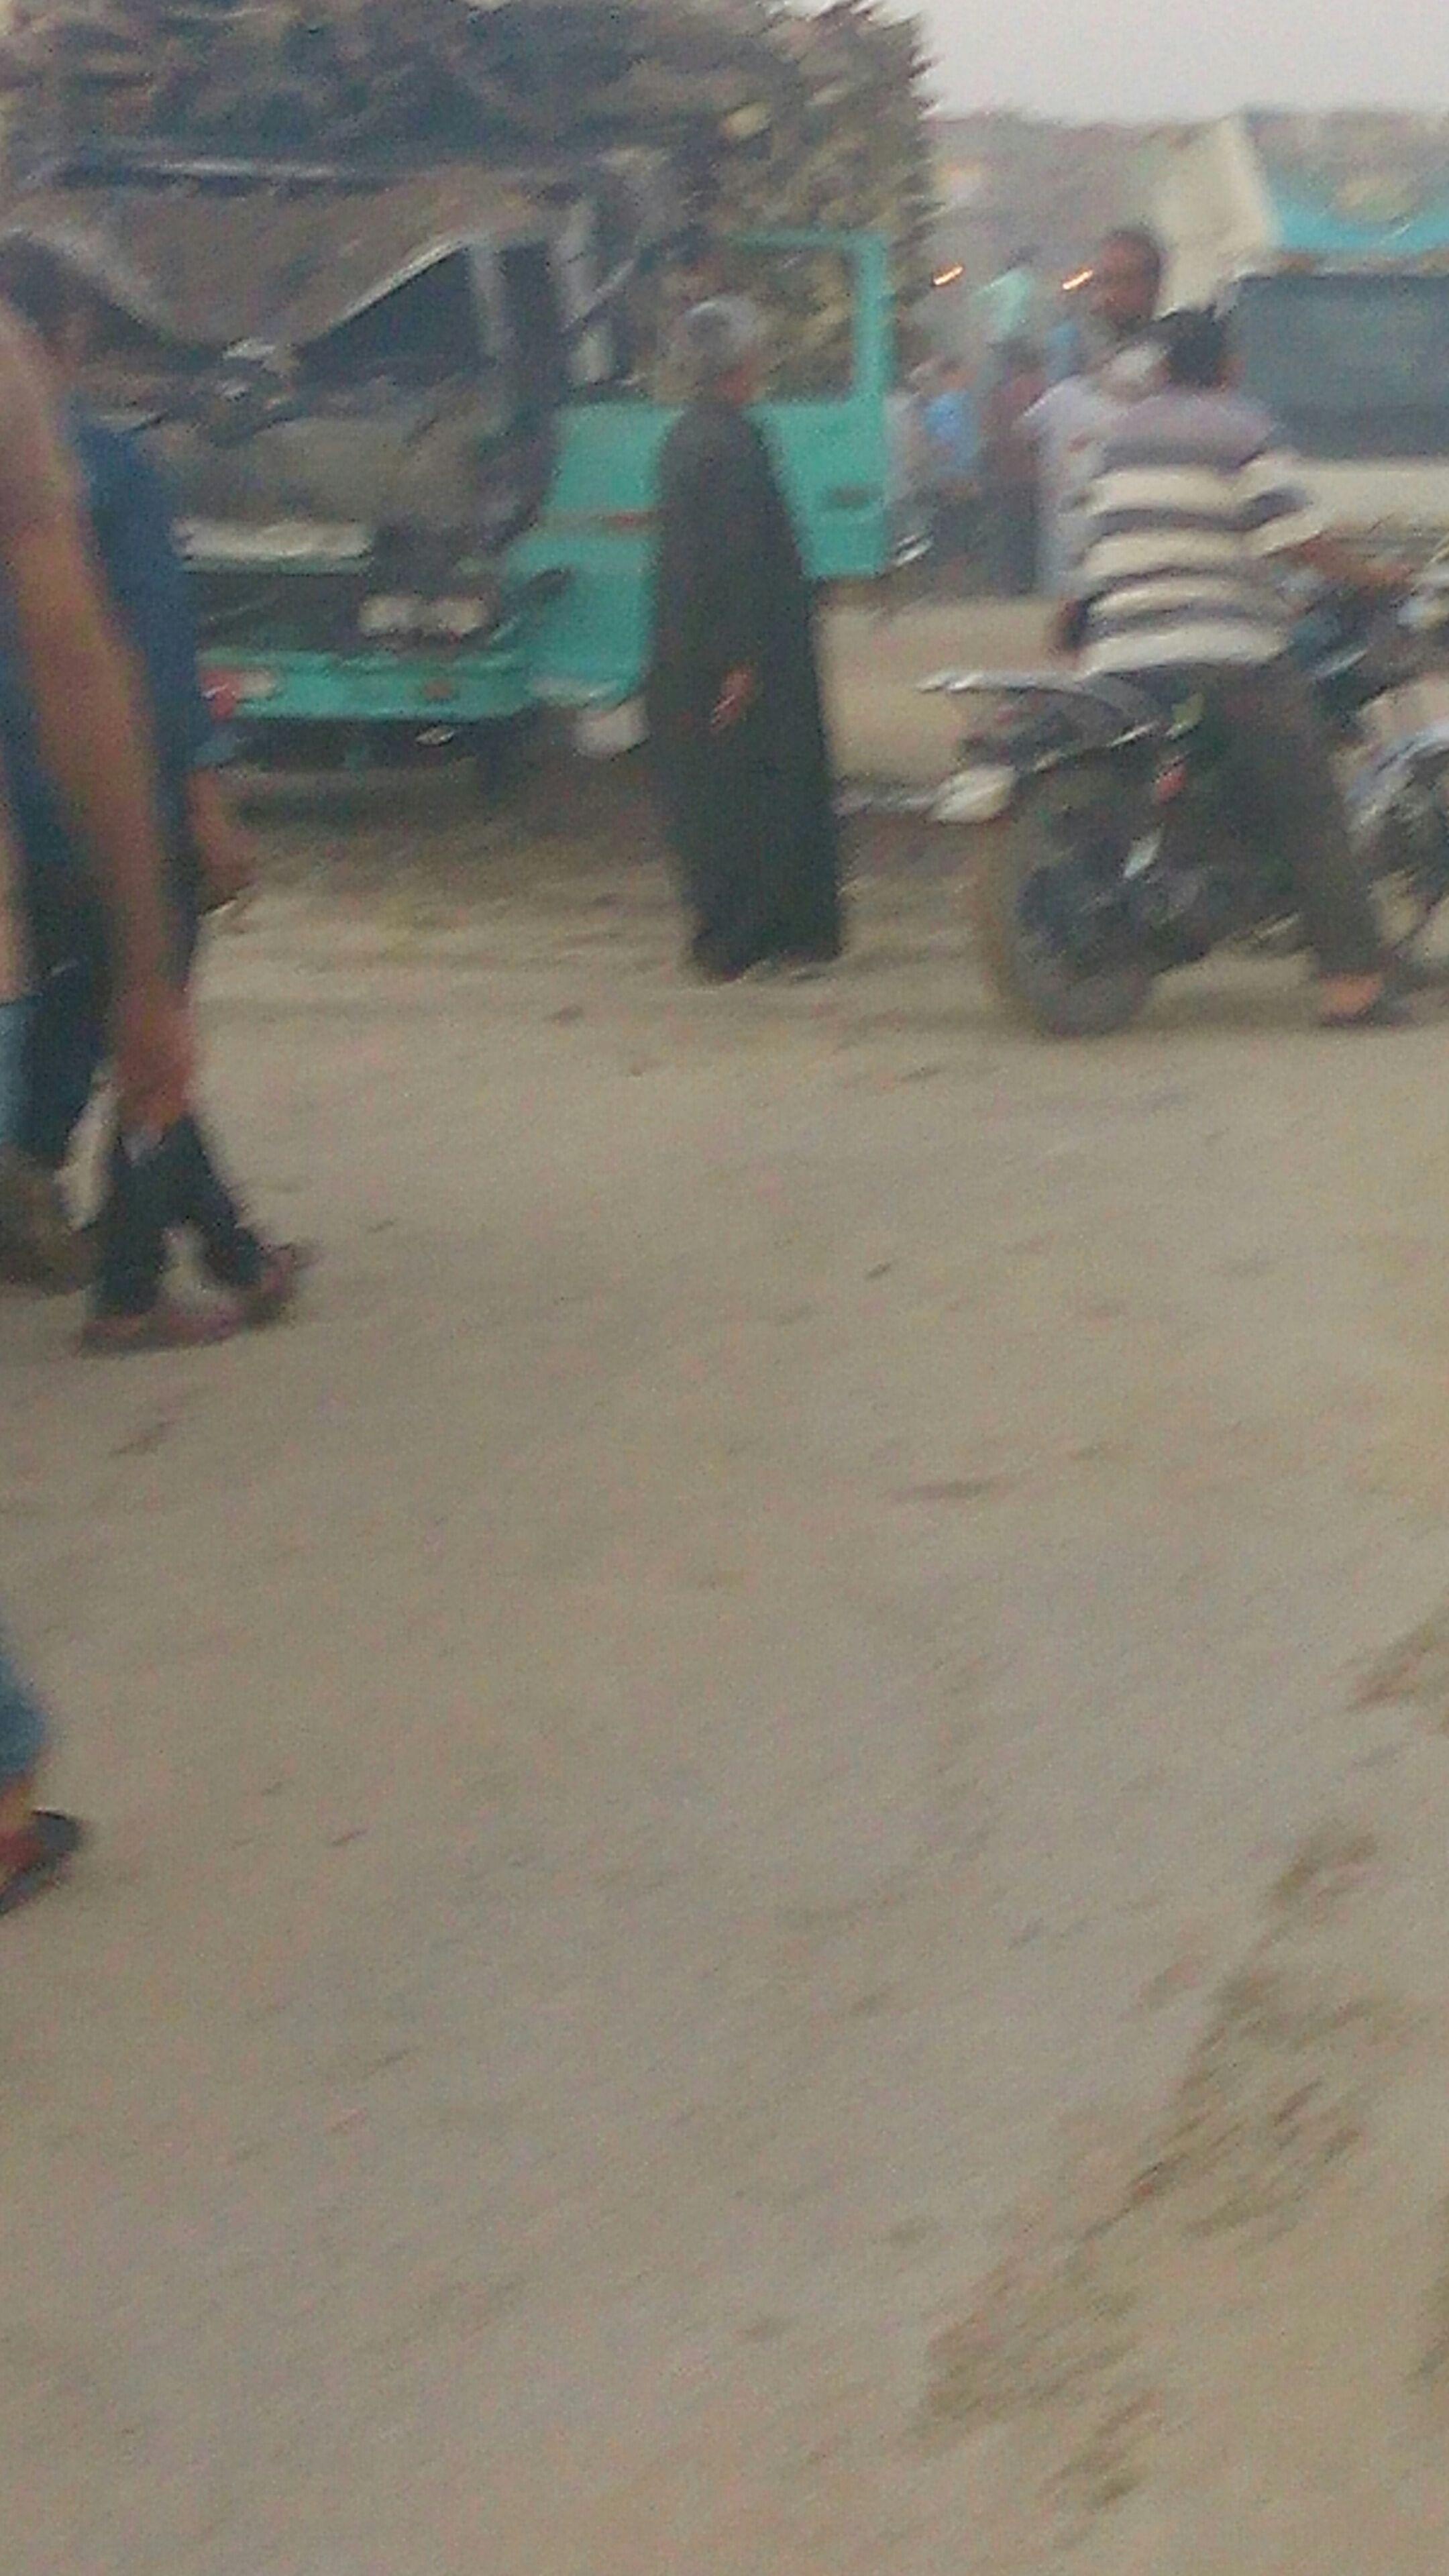 بالصور.. احتراق سيارة نقل أخشاب بالشرقية.. وشاهد: مواطن لقي مصرعه و2 أصيبا في الحادث